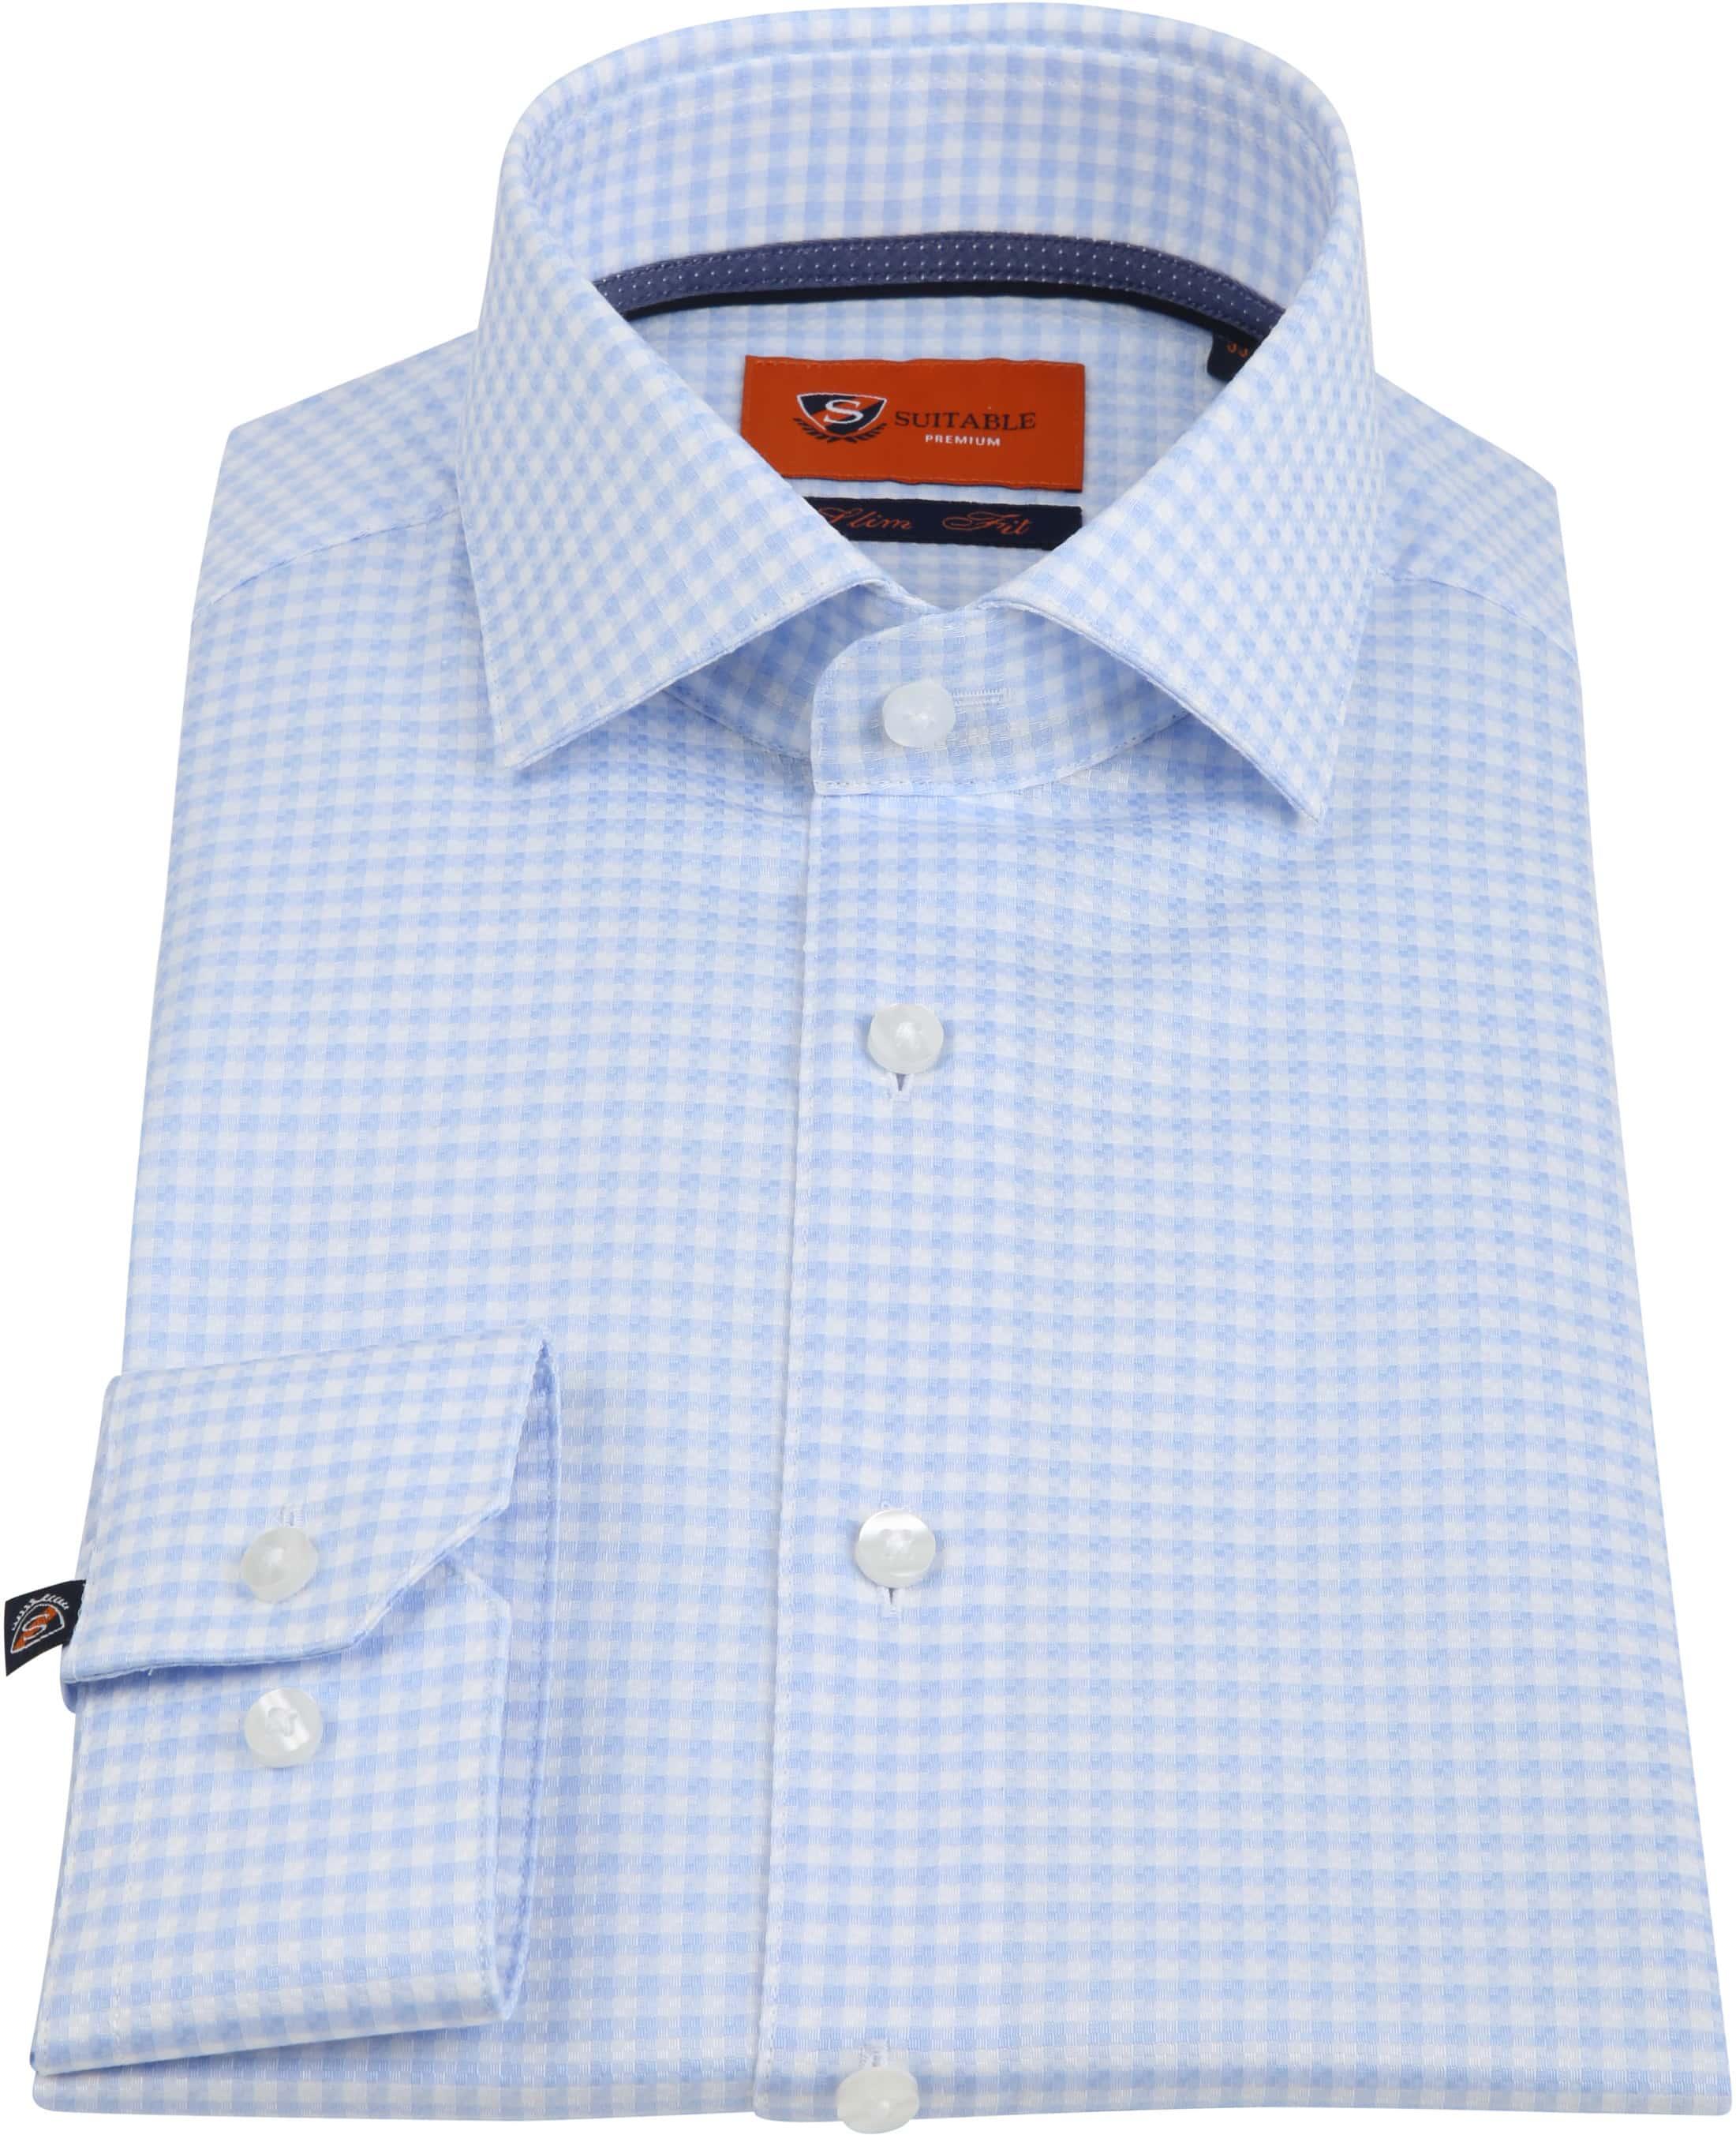 Suitable Ruiten Blauw Overhemd foto 2